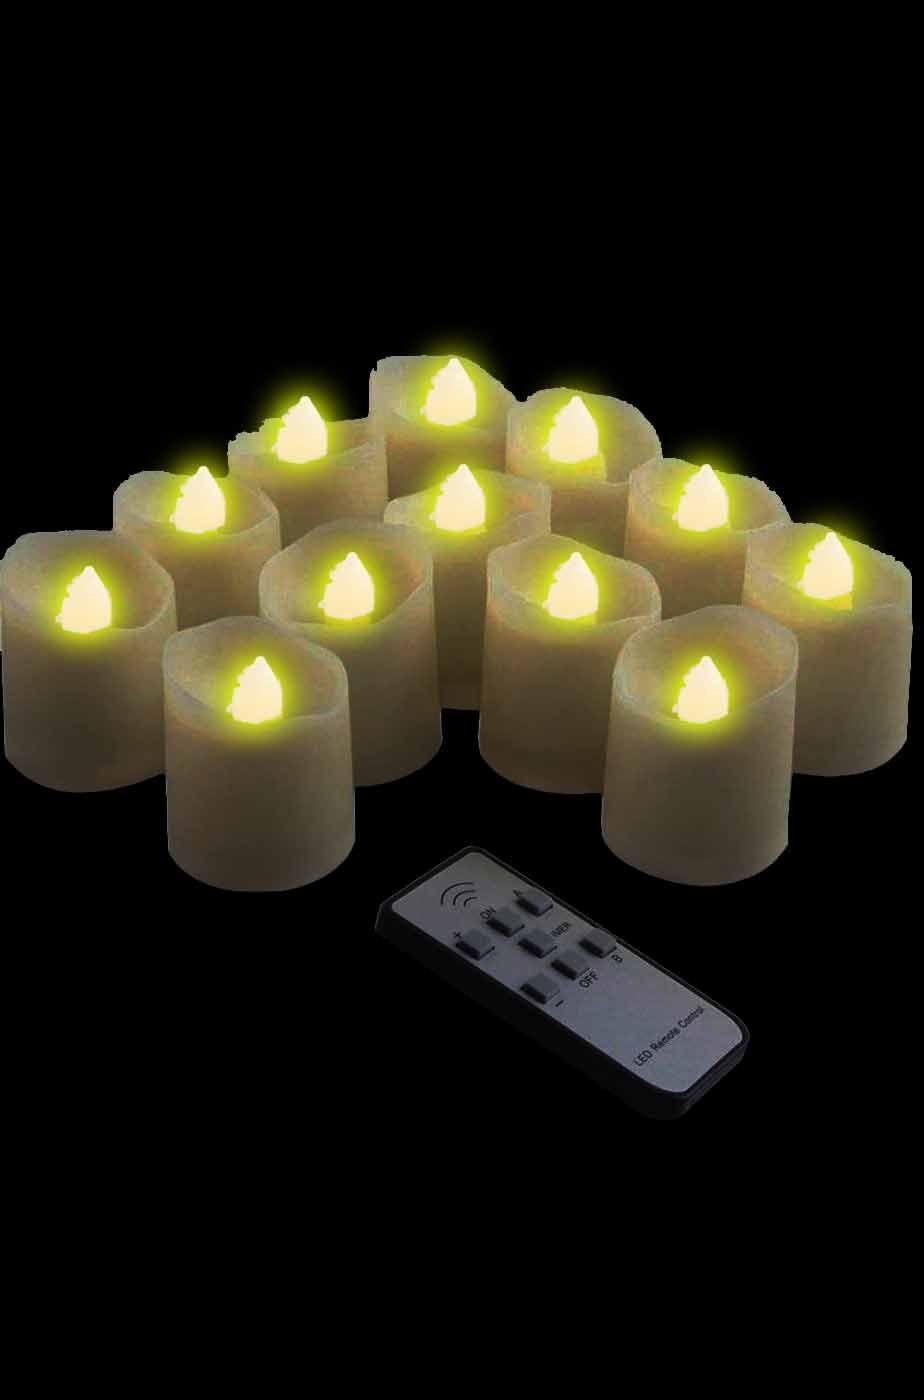 Candele lumini per halloween a batterie con telecomando